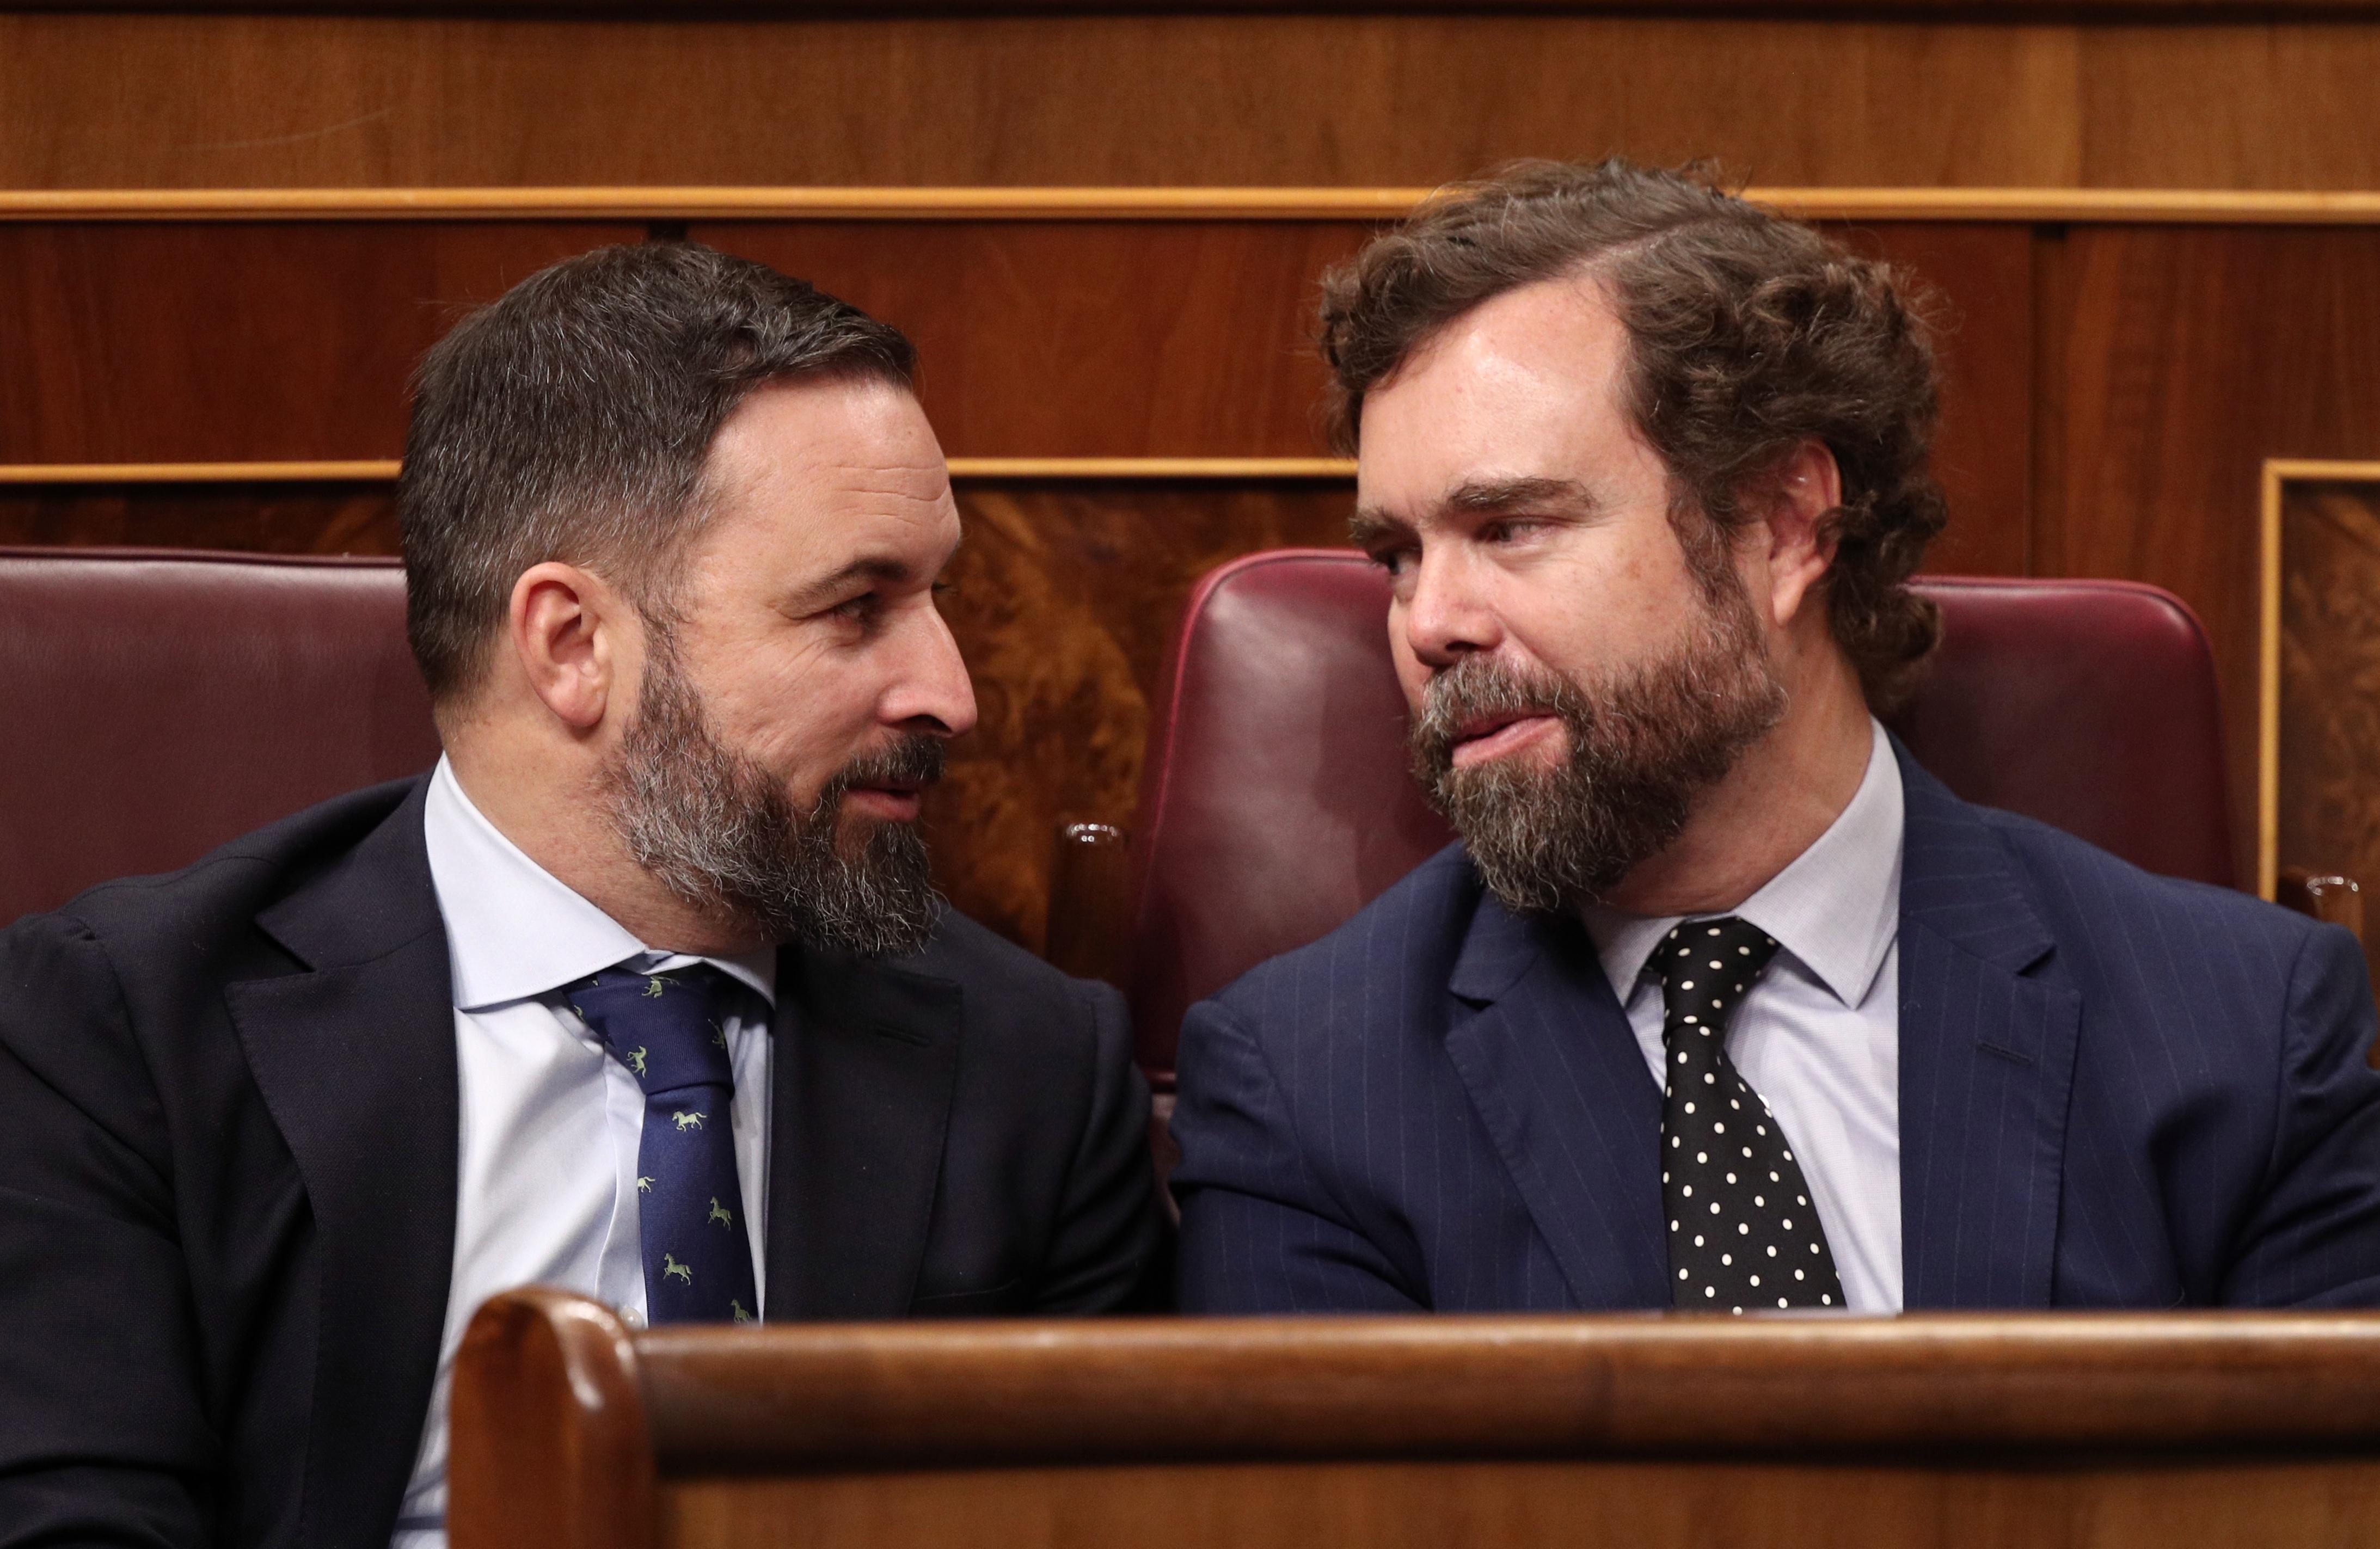 Santiago Abascal e Iván Espinosa de los Monteros en el Congreso de los Diputados. Fuente: ElPlural.com